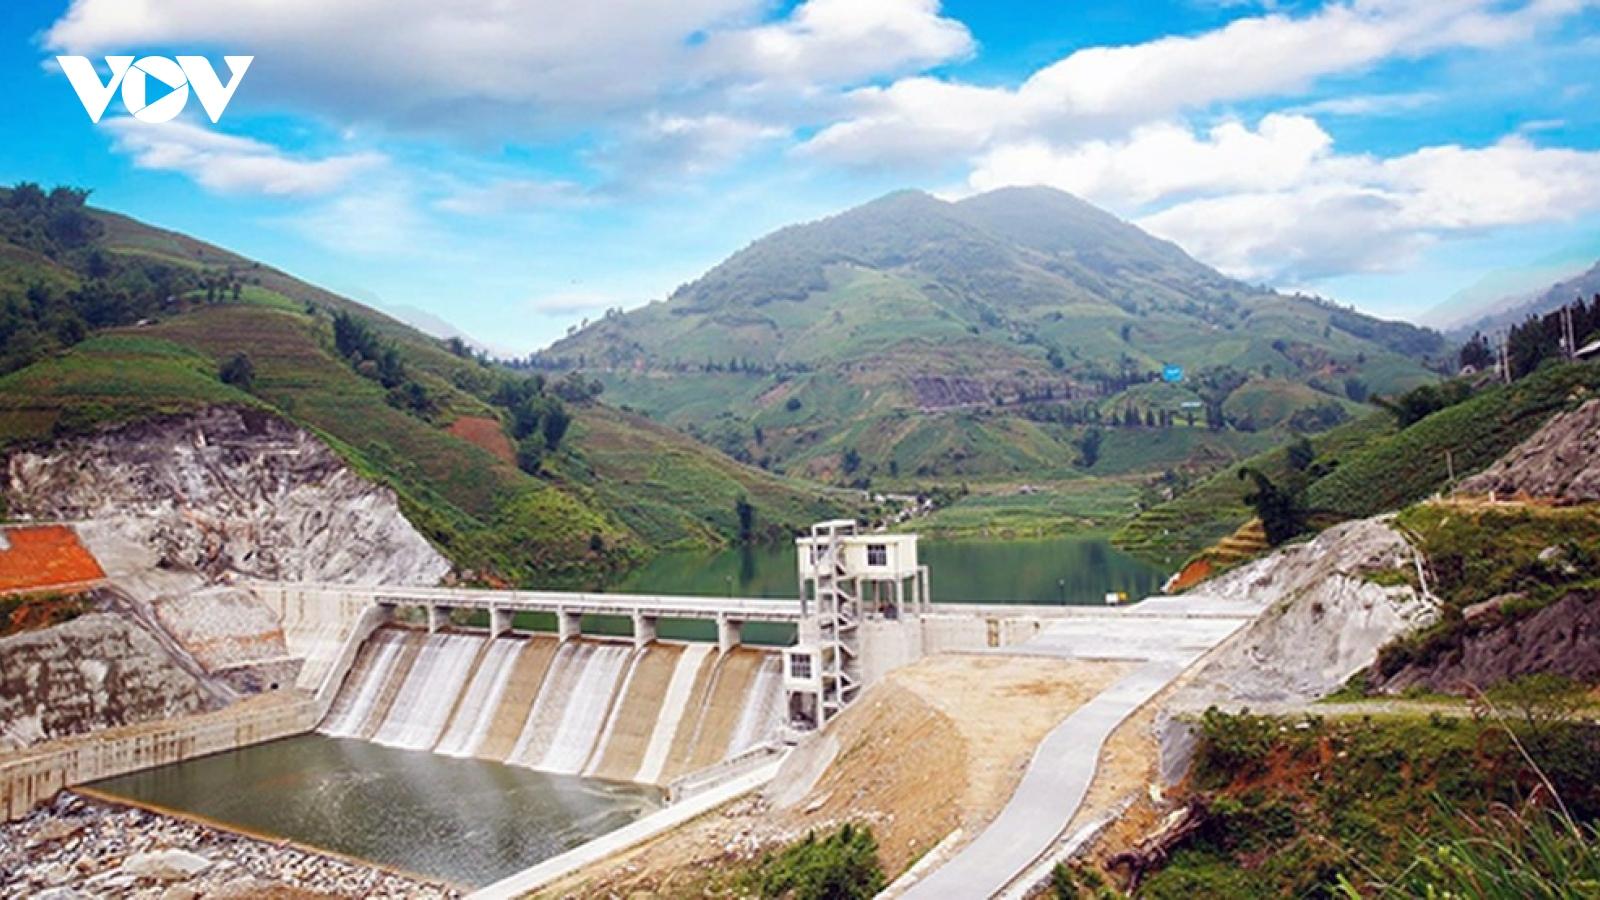 Từ vụ Rào Trăng 3: Quy hoạch bổ sung thủy điện được kiểm soát ra sao?